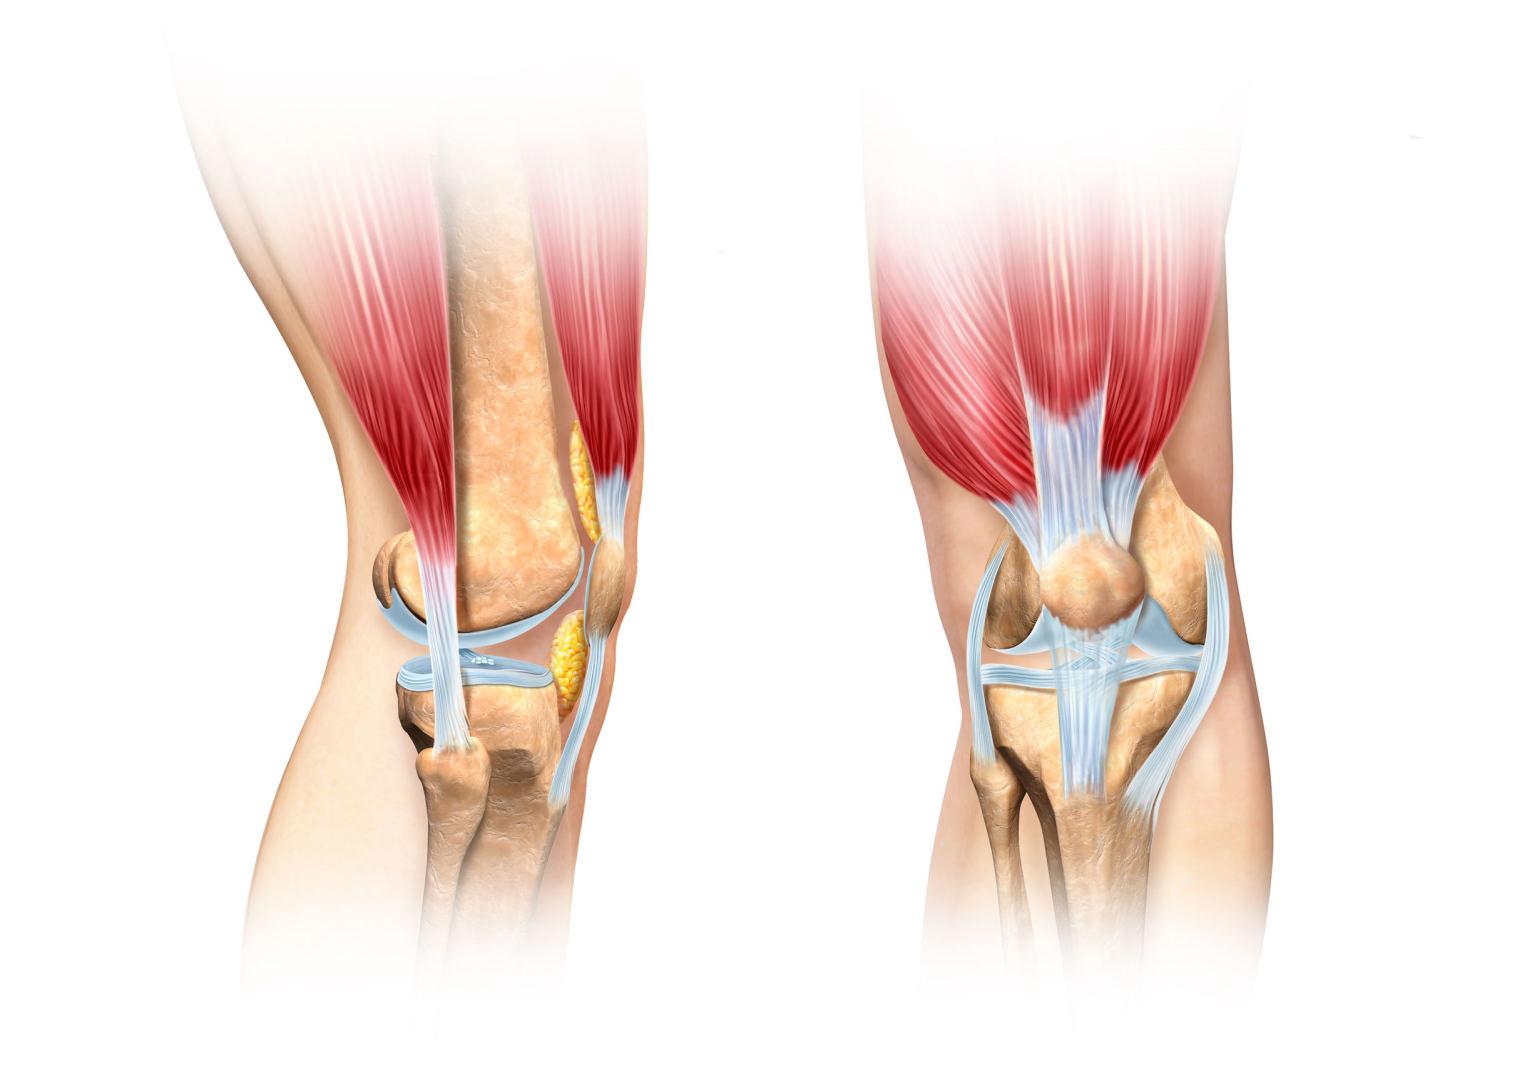 uždegimas nuo peties sąnario gydymo raumenų tabletės skausmas arkoxy sąnarių